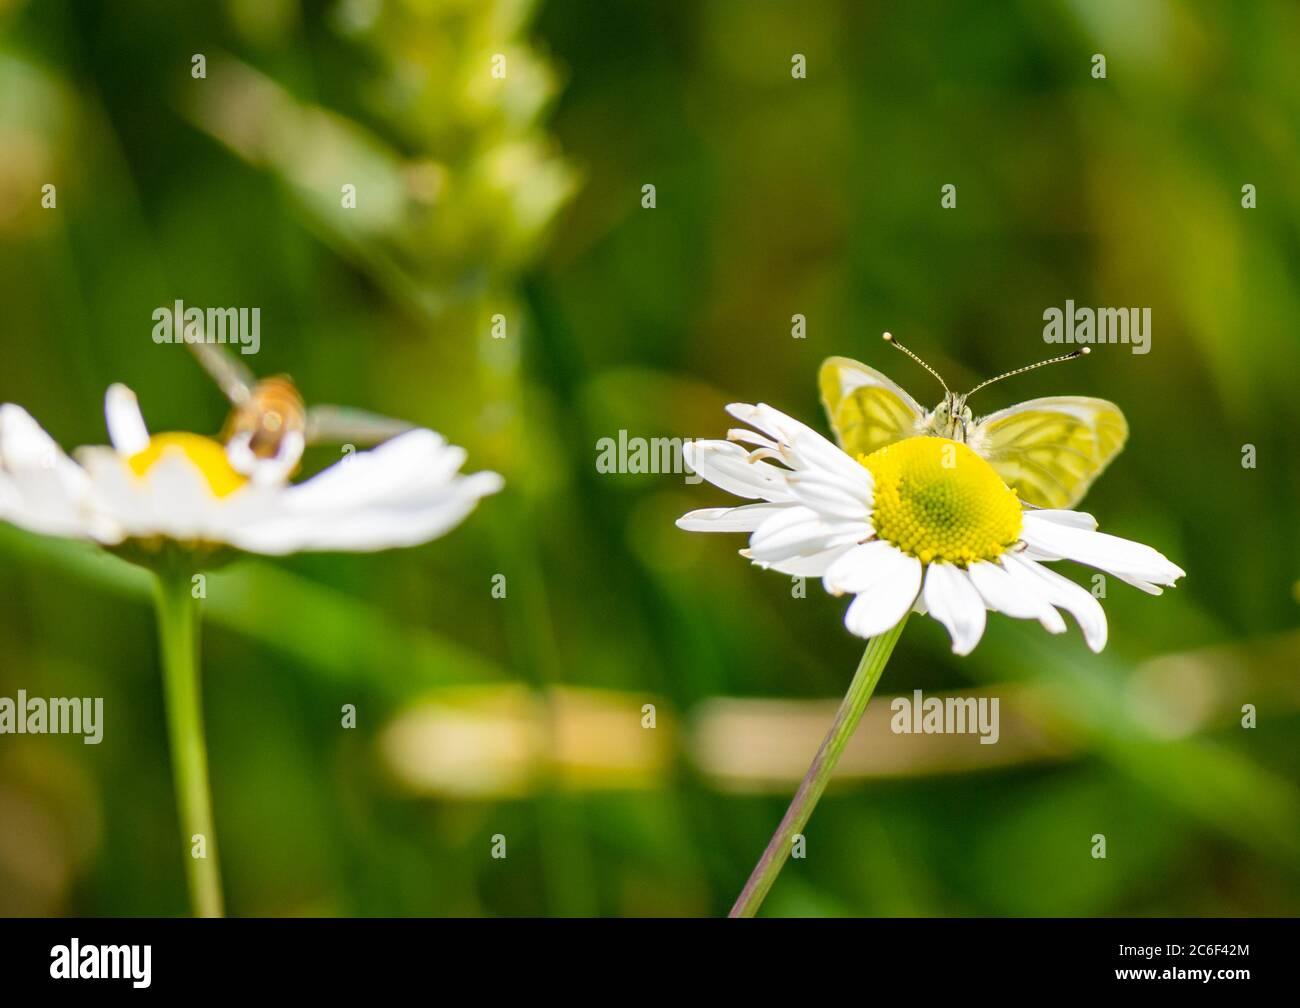 East Lothian, Escocia, Reino Unido, 9 de julio de 2020. Reino Unido tiempo: Sol en la vida silvestre: Una mariposa verde con velo (Pieris napi) chupar néctar de una mayweed o flor de camomila de maíz (Anthemis arvensis) Foto de stock